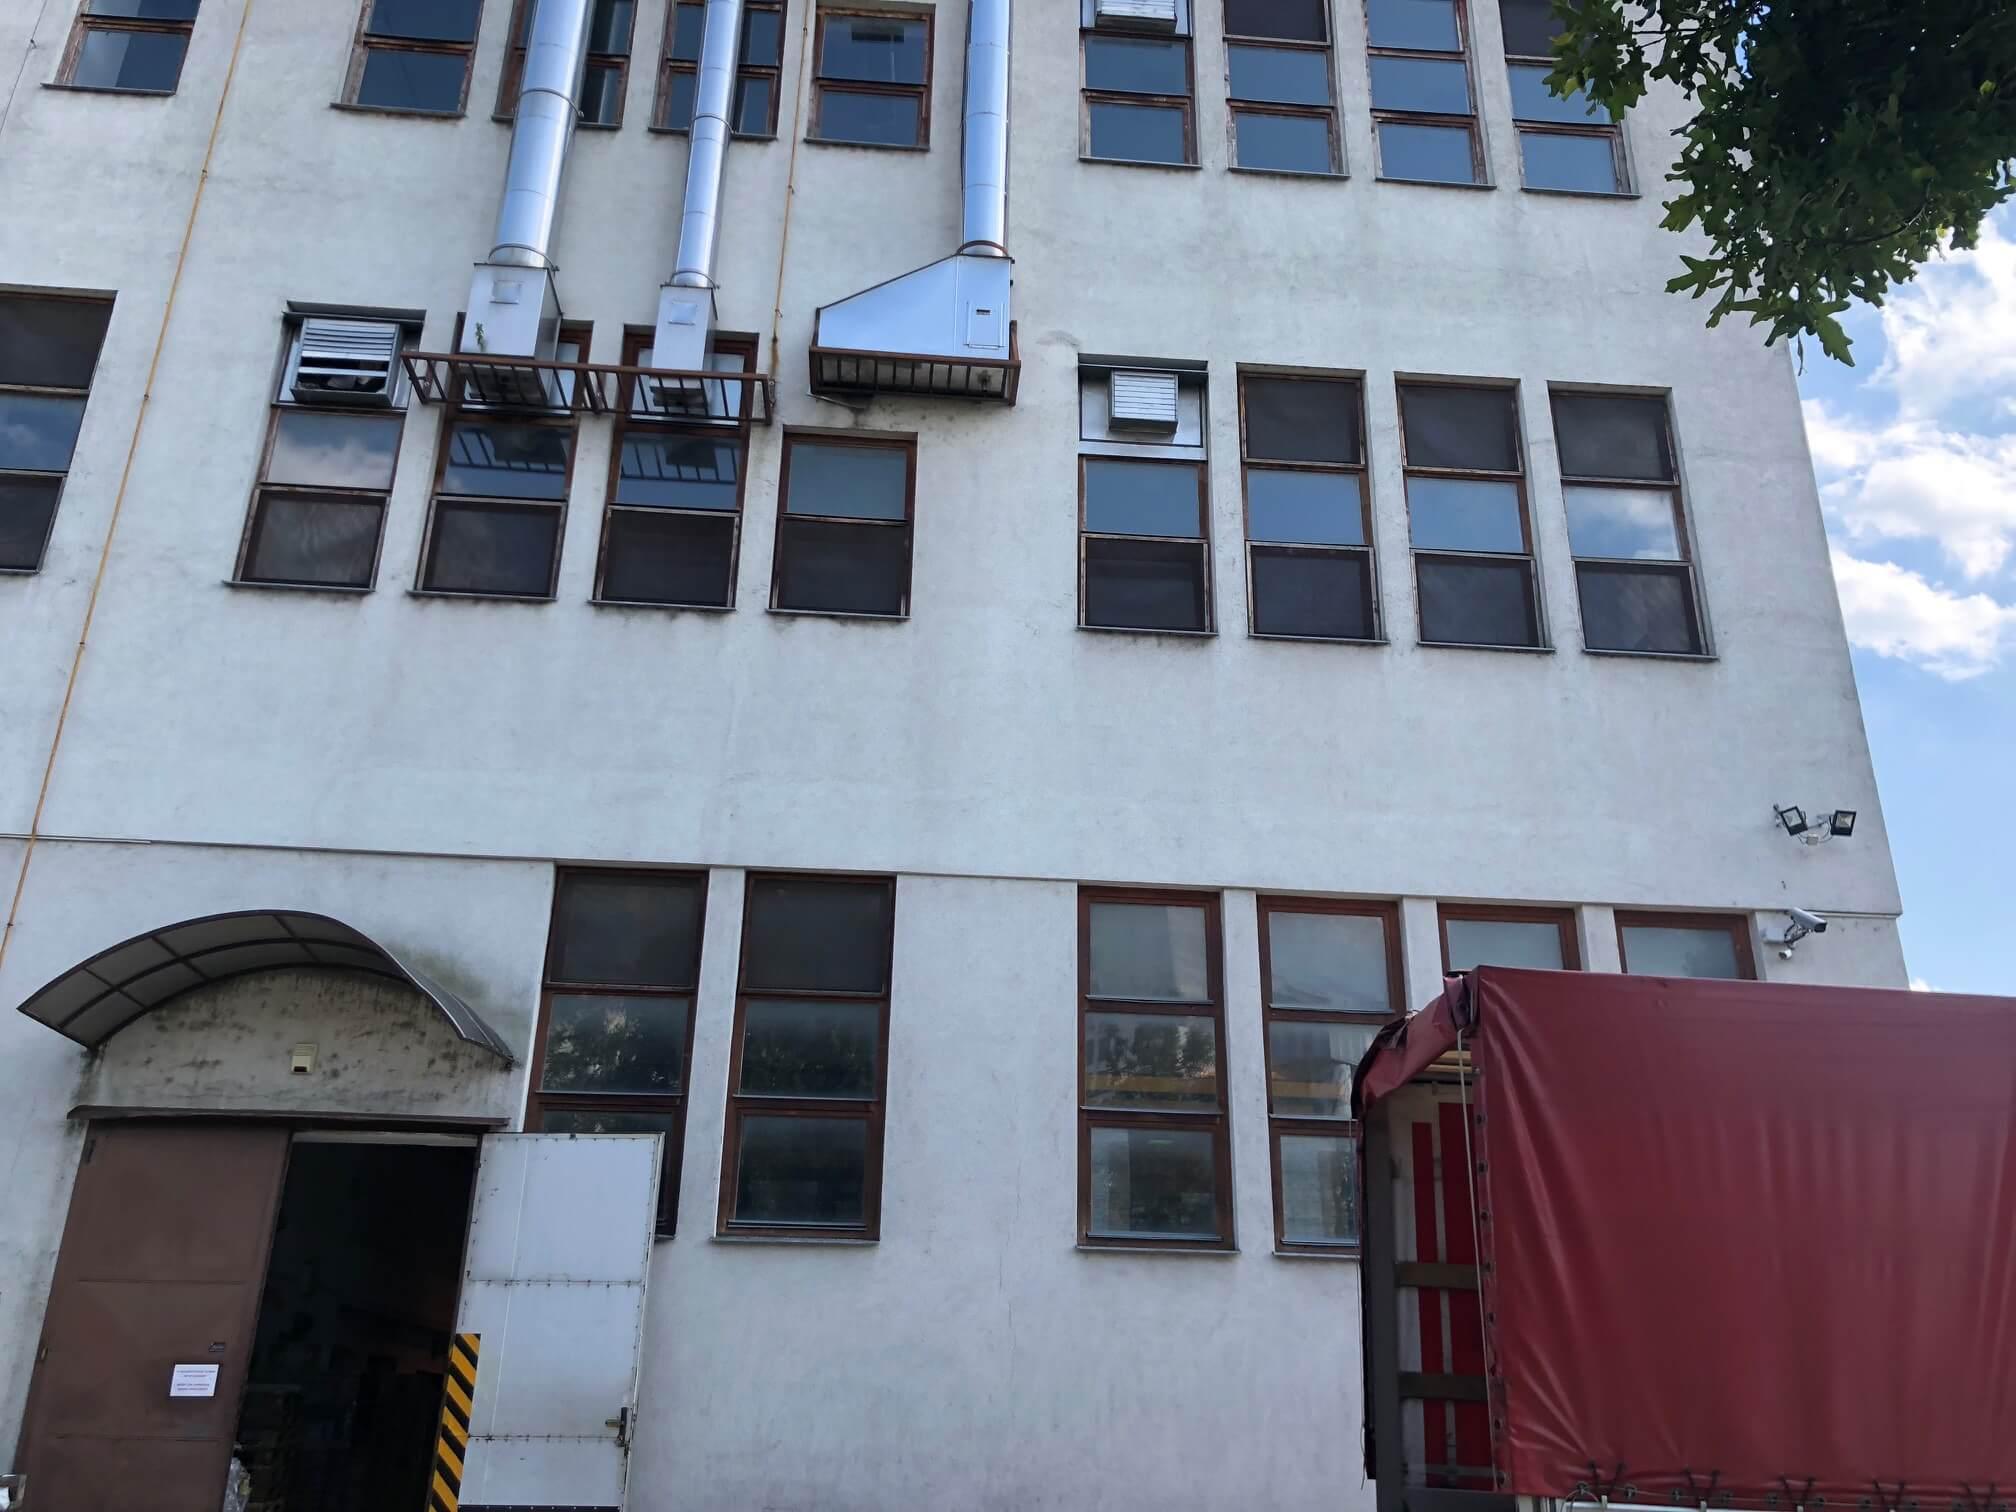 Na prenájom Budova skladov a výrobne v Dunajskej Strede, Drevárska, pozemok 2272m2, spolu 4 podlažia 4767m2-24